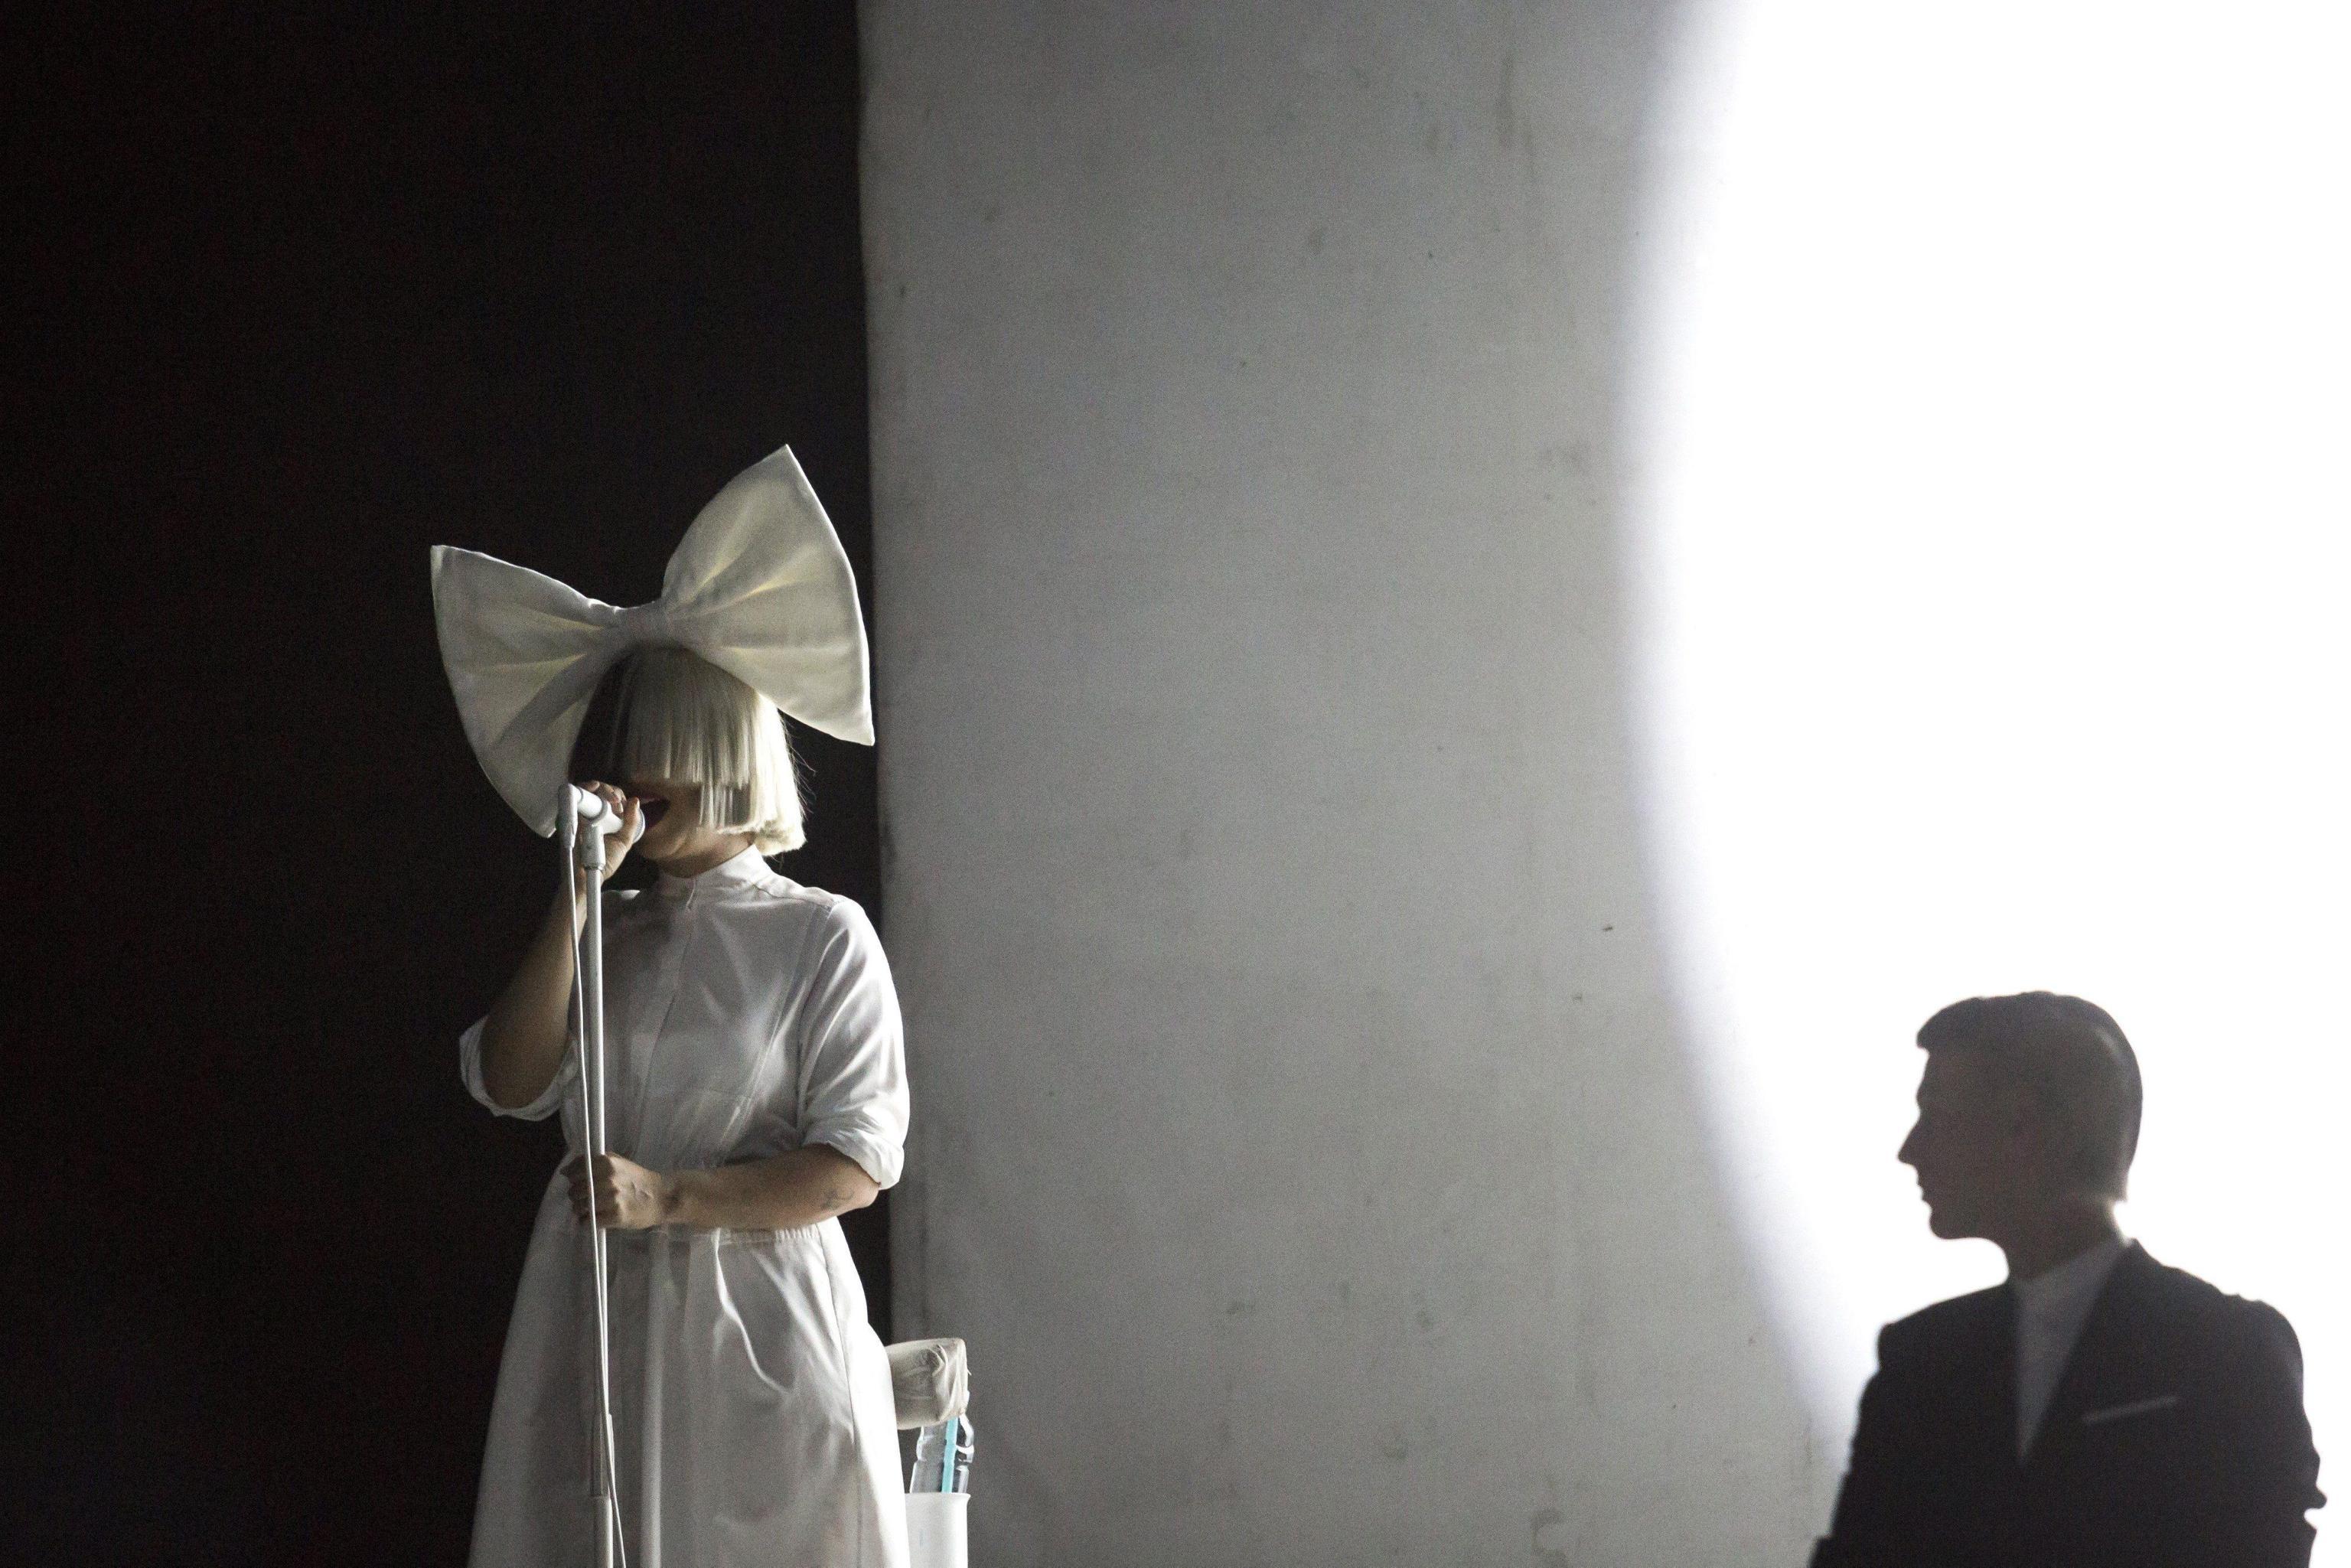 Sia su Twitter posta una foto di sé senza veli: la cantante batte i paparazzi